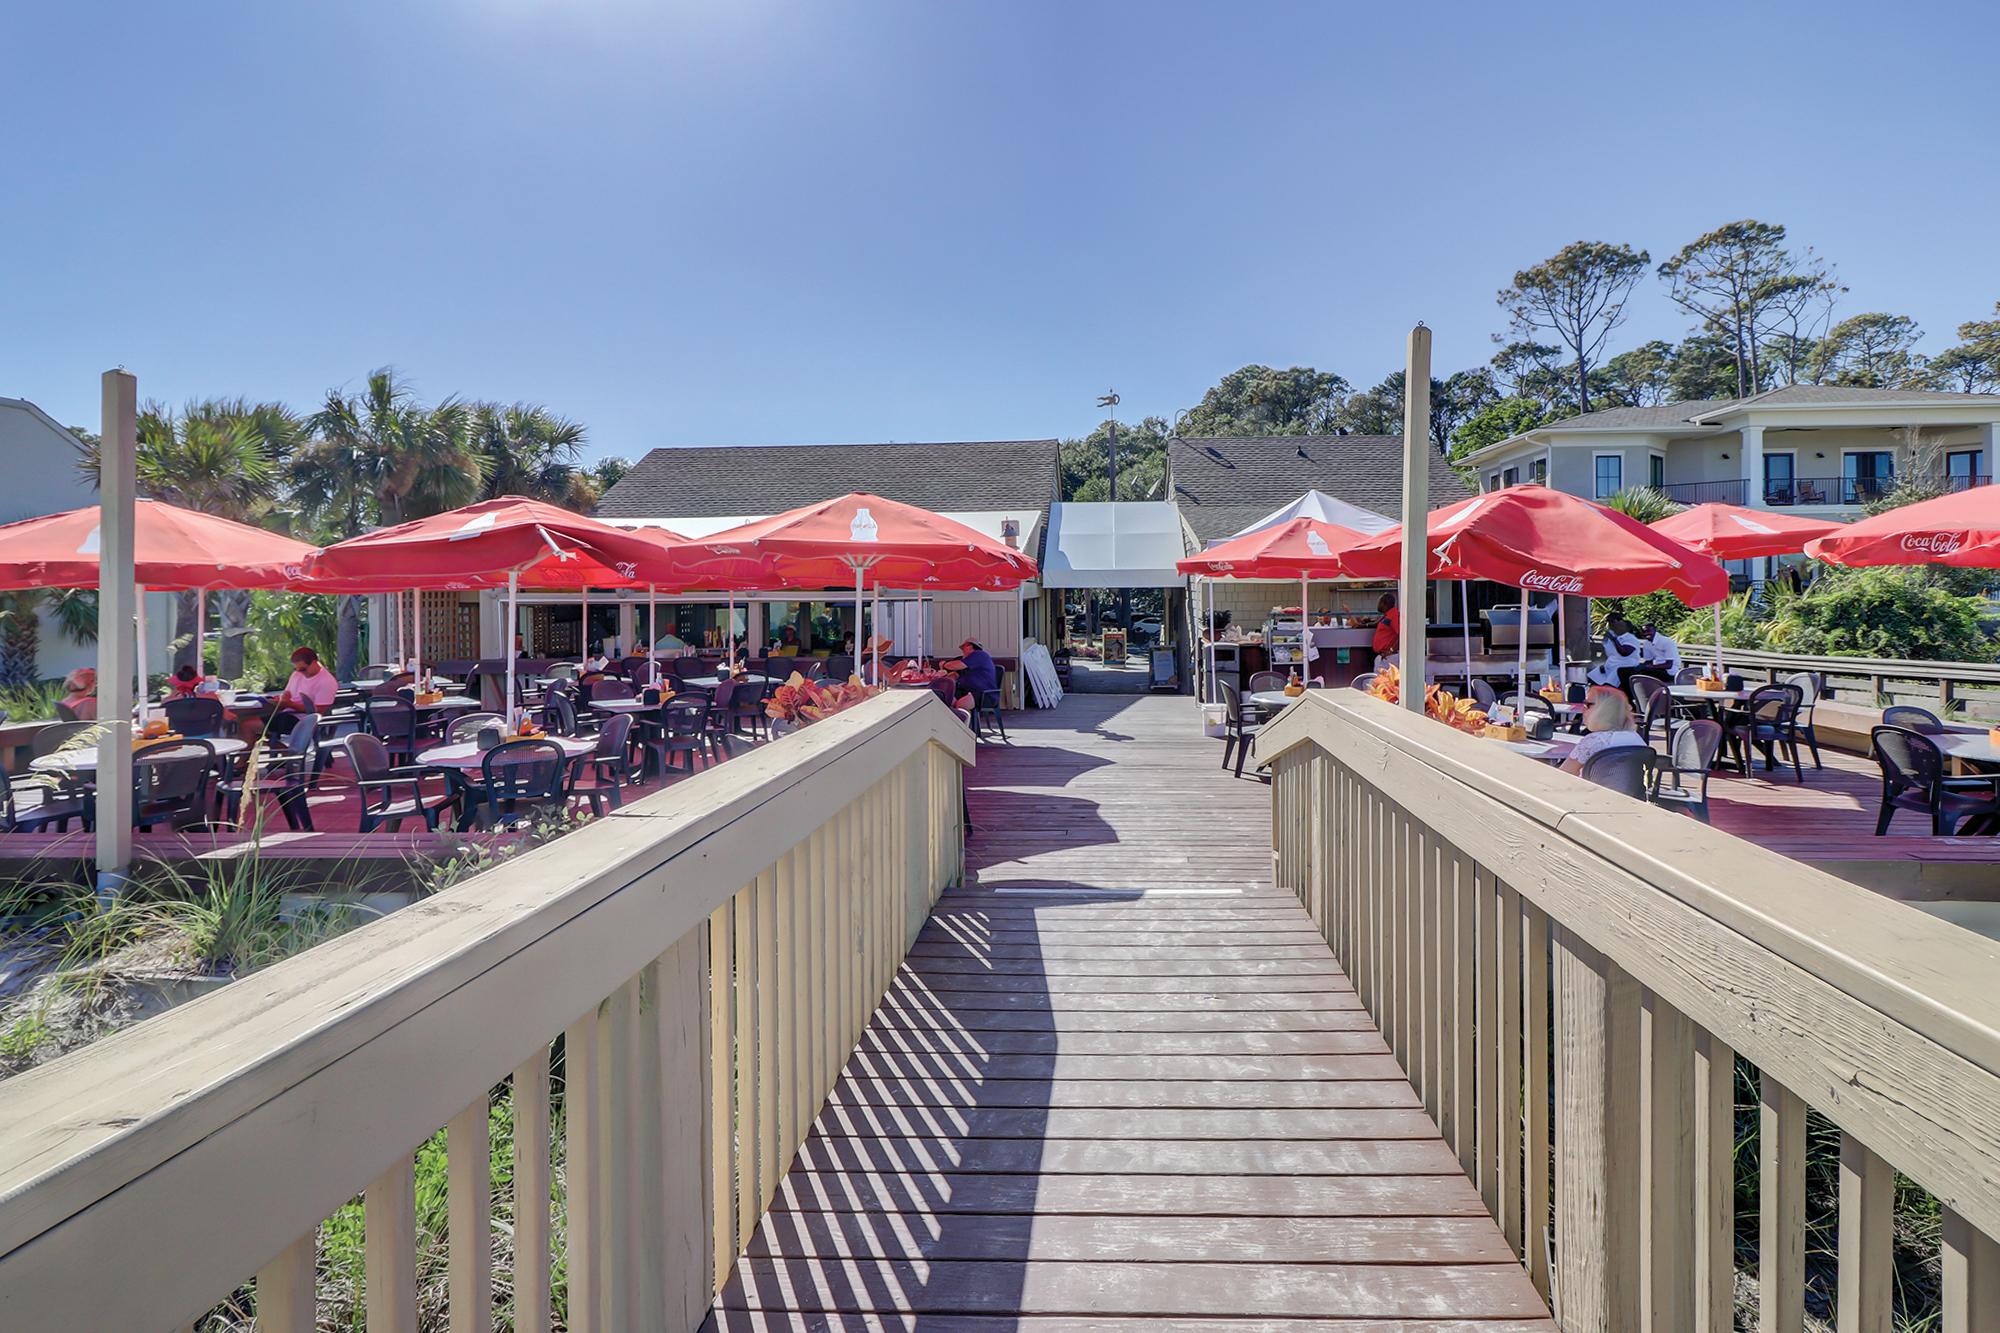 Dunes House Oceanfront Restaurant and Beach Access